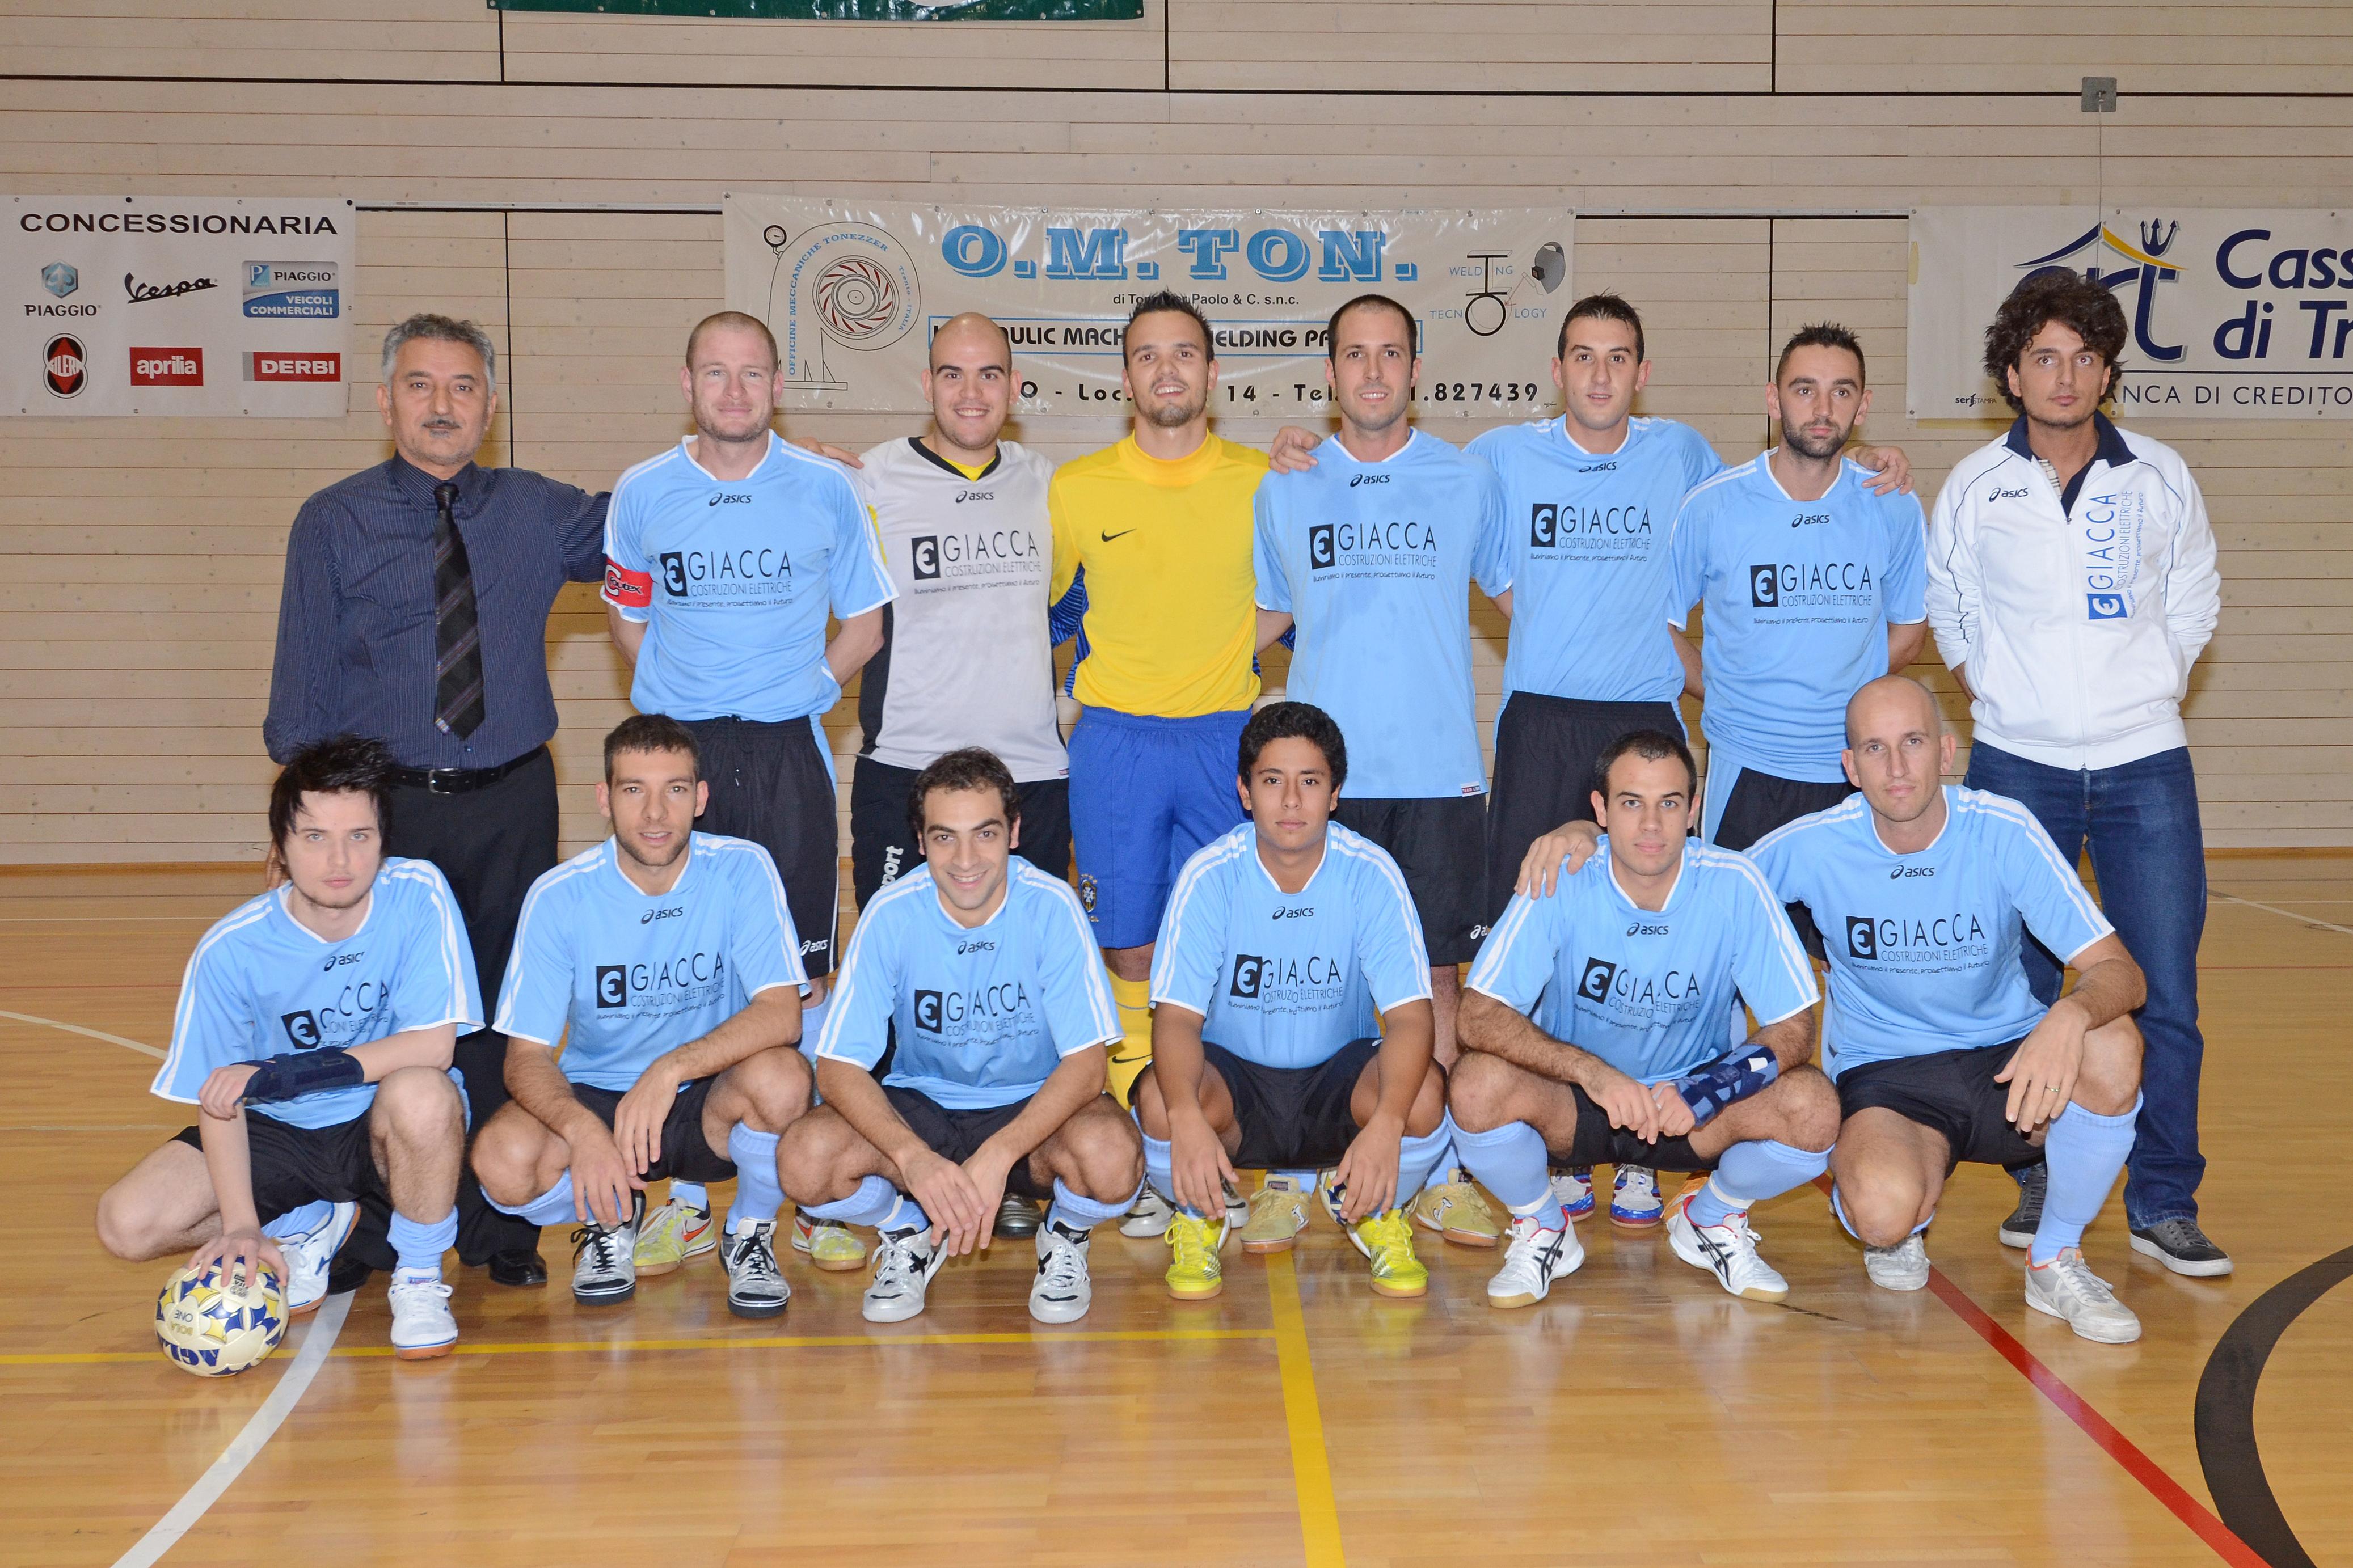 Campionato 2011/2012